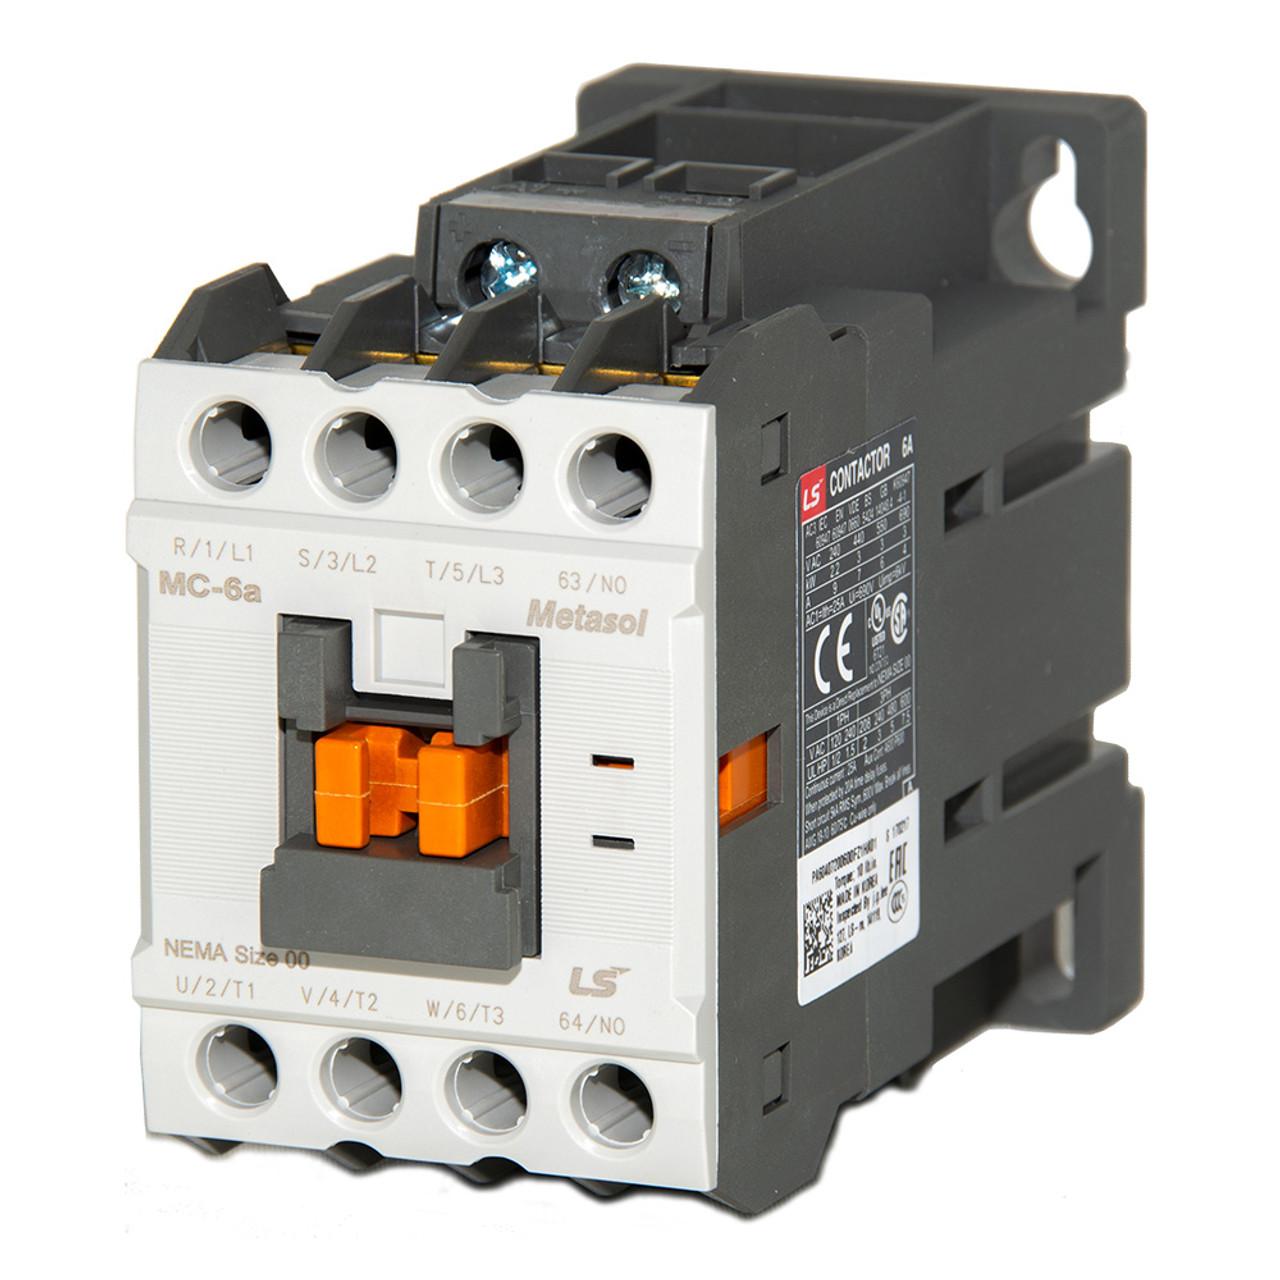 lsis mc 6a metasol series magnetic contactor dc12v screw 1a  [ 1000 x 1000 Pixel ]